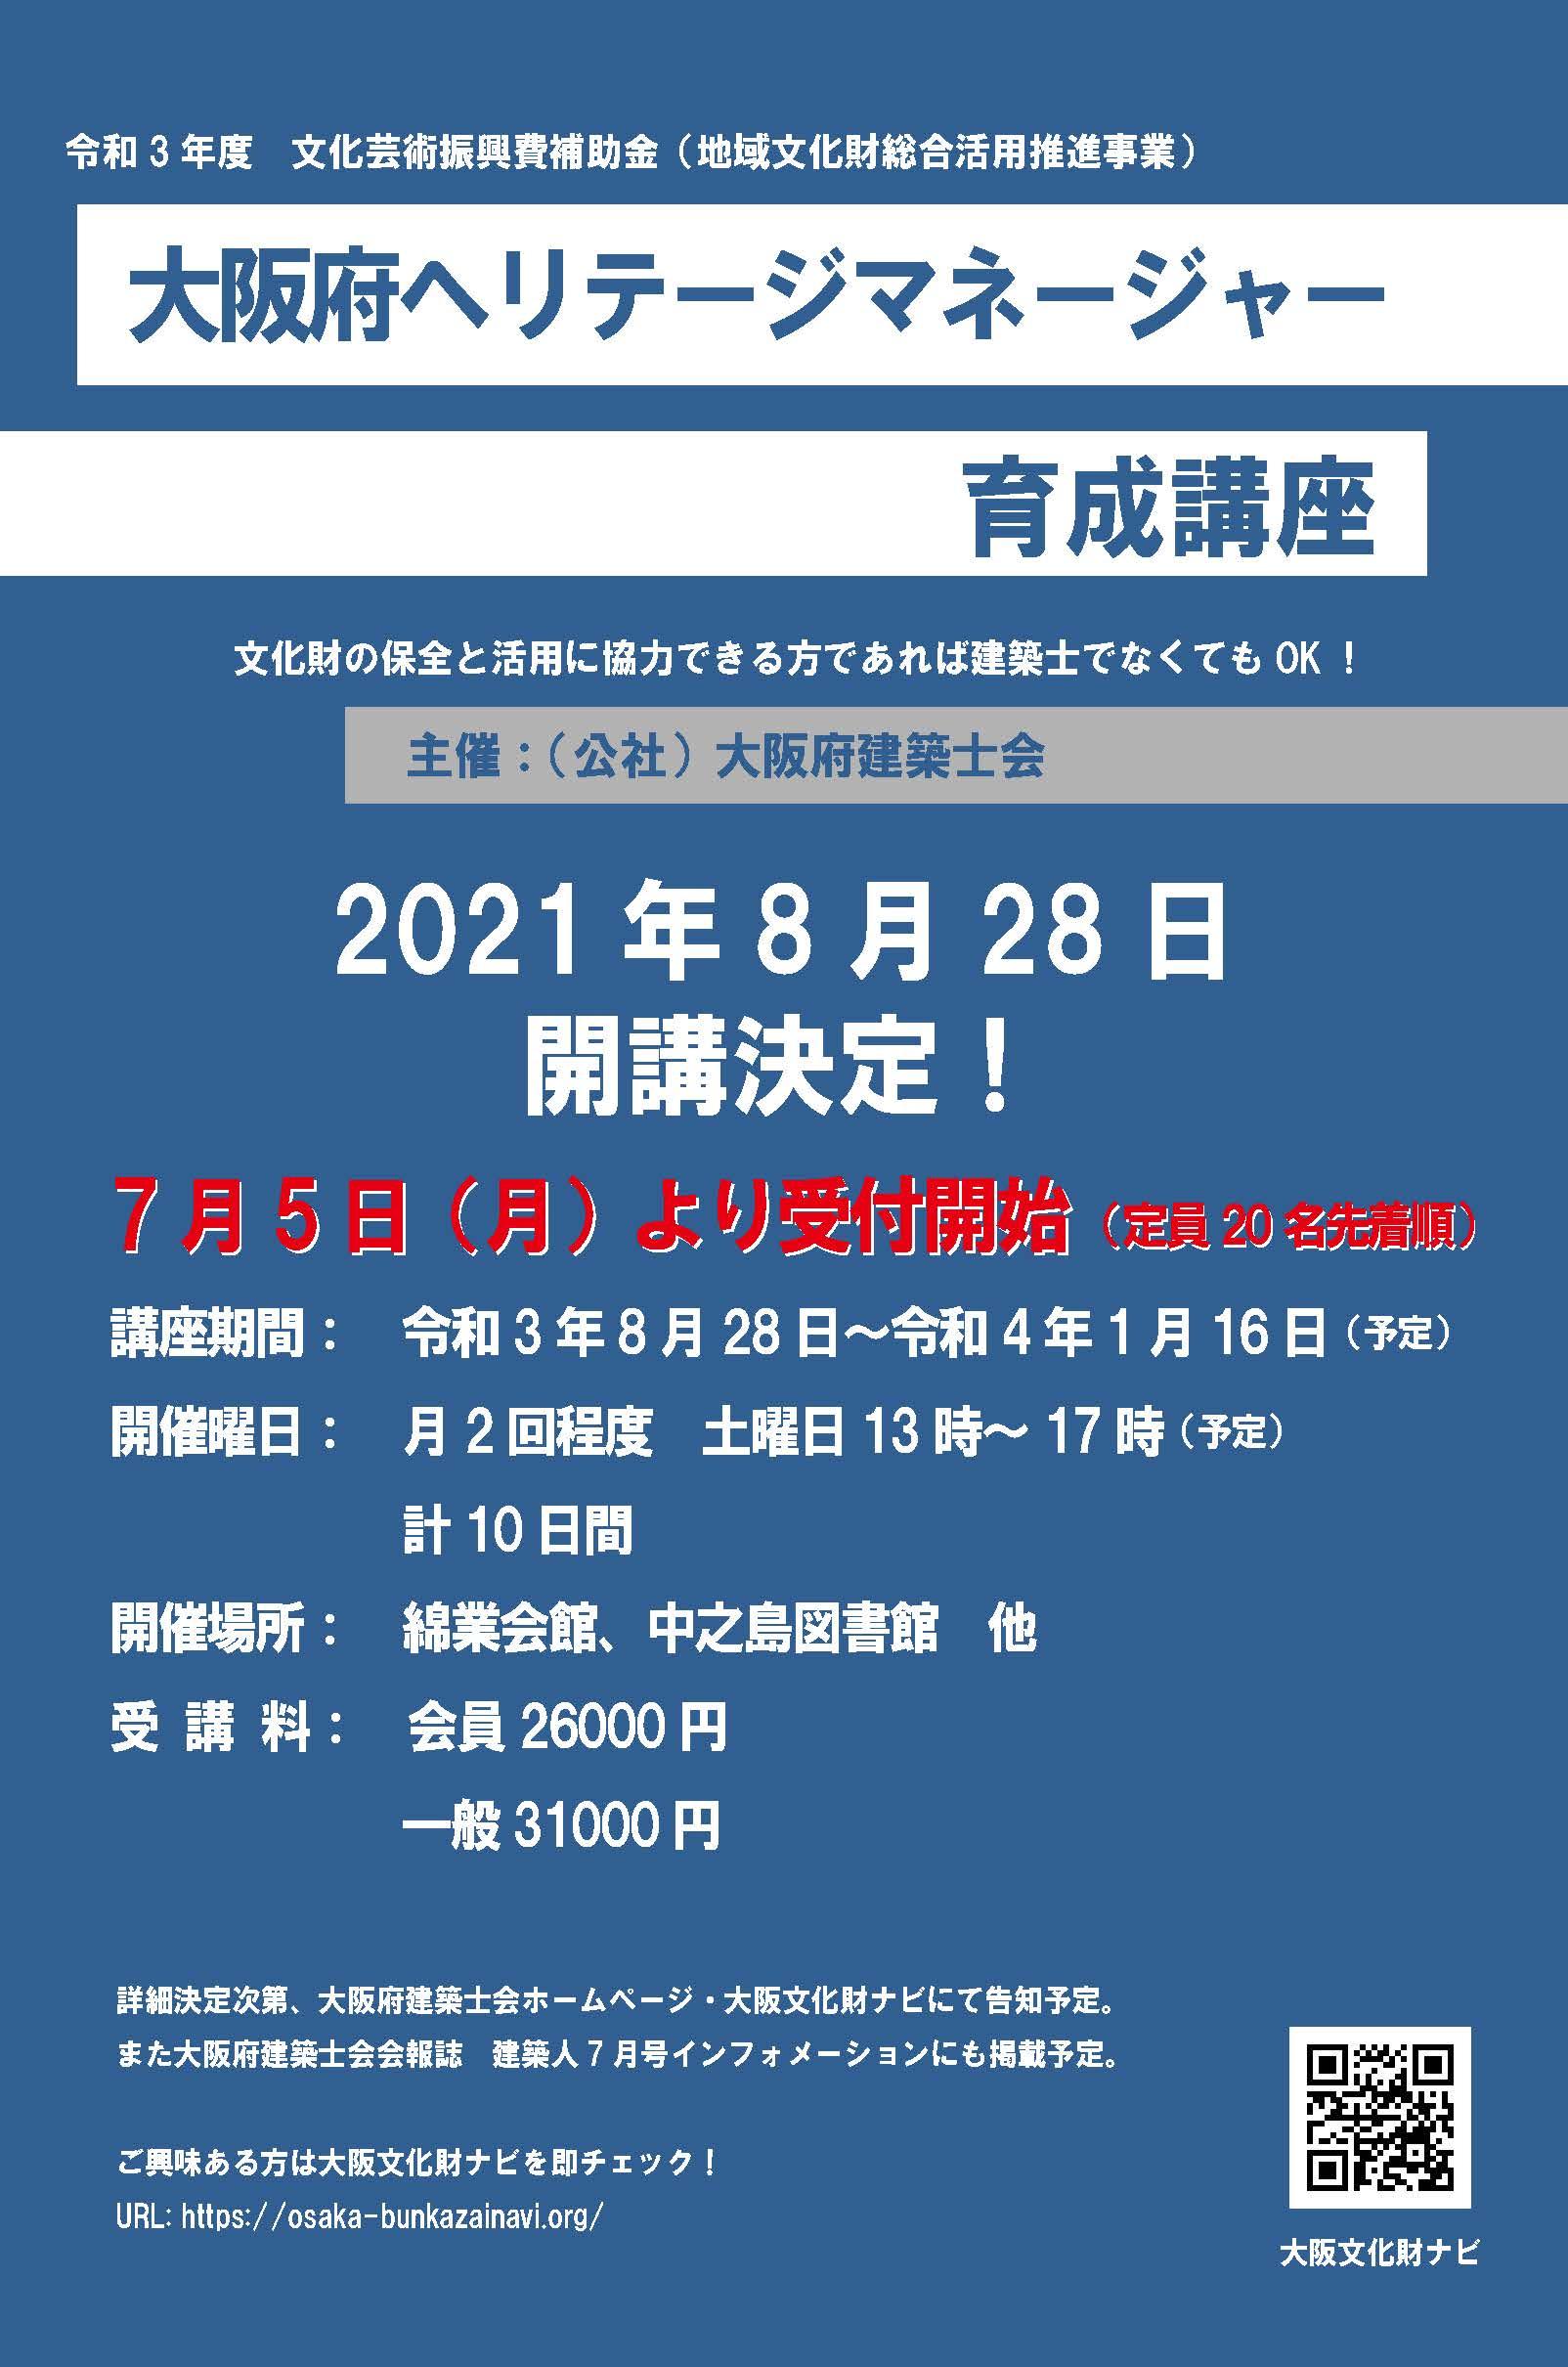 8月28日(土)~ 令和3年度 大阪府ヘリテージマネージャー 育成講座(全10日間) 満席になりました。